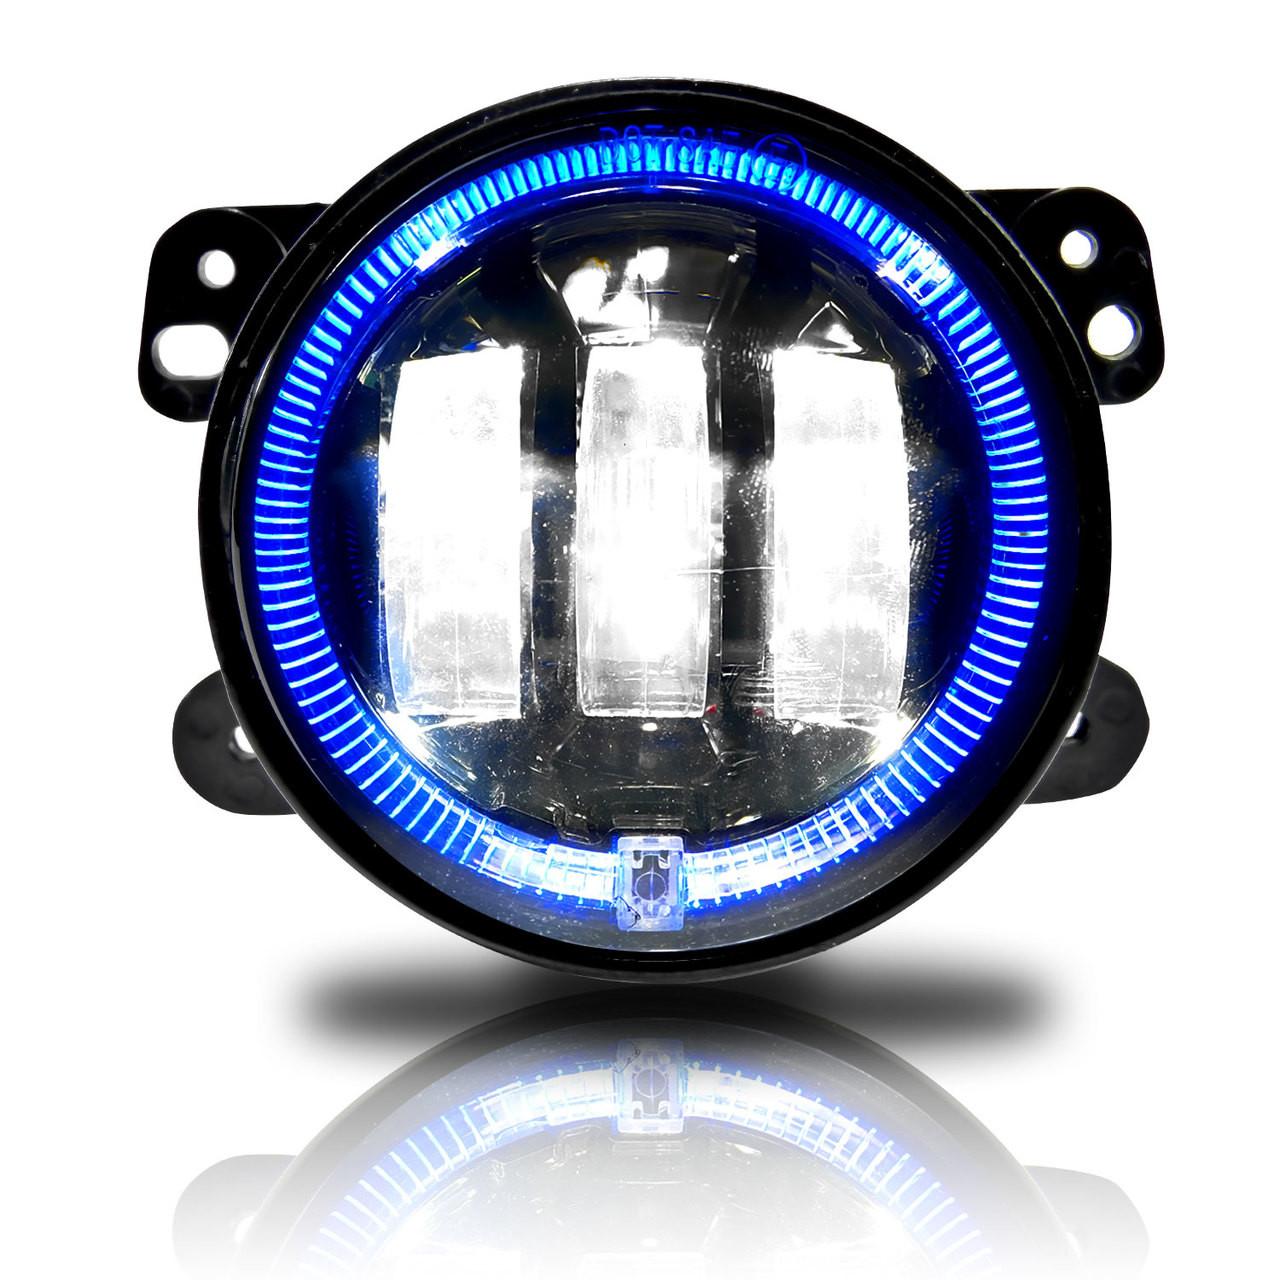 4 inch led blue halo fog lamp lights for jeep wrangler jk [ 1280 x 1280 Pixel ]